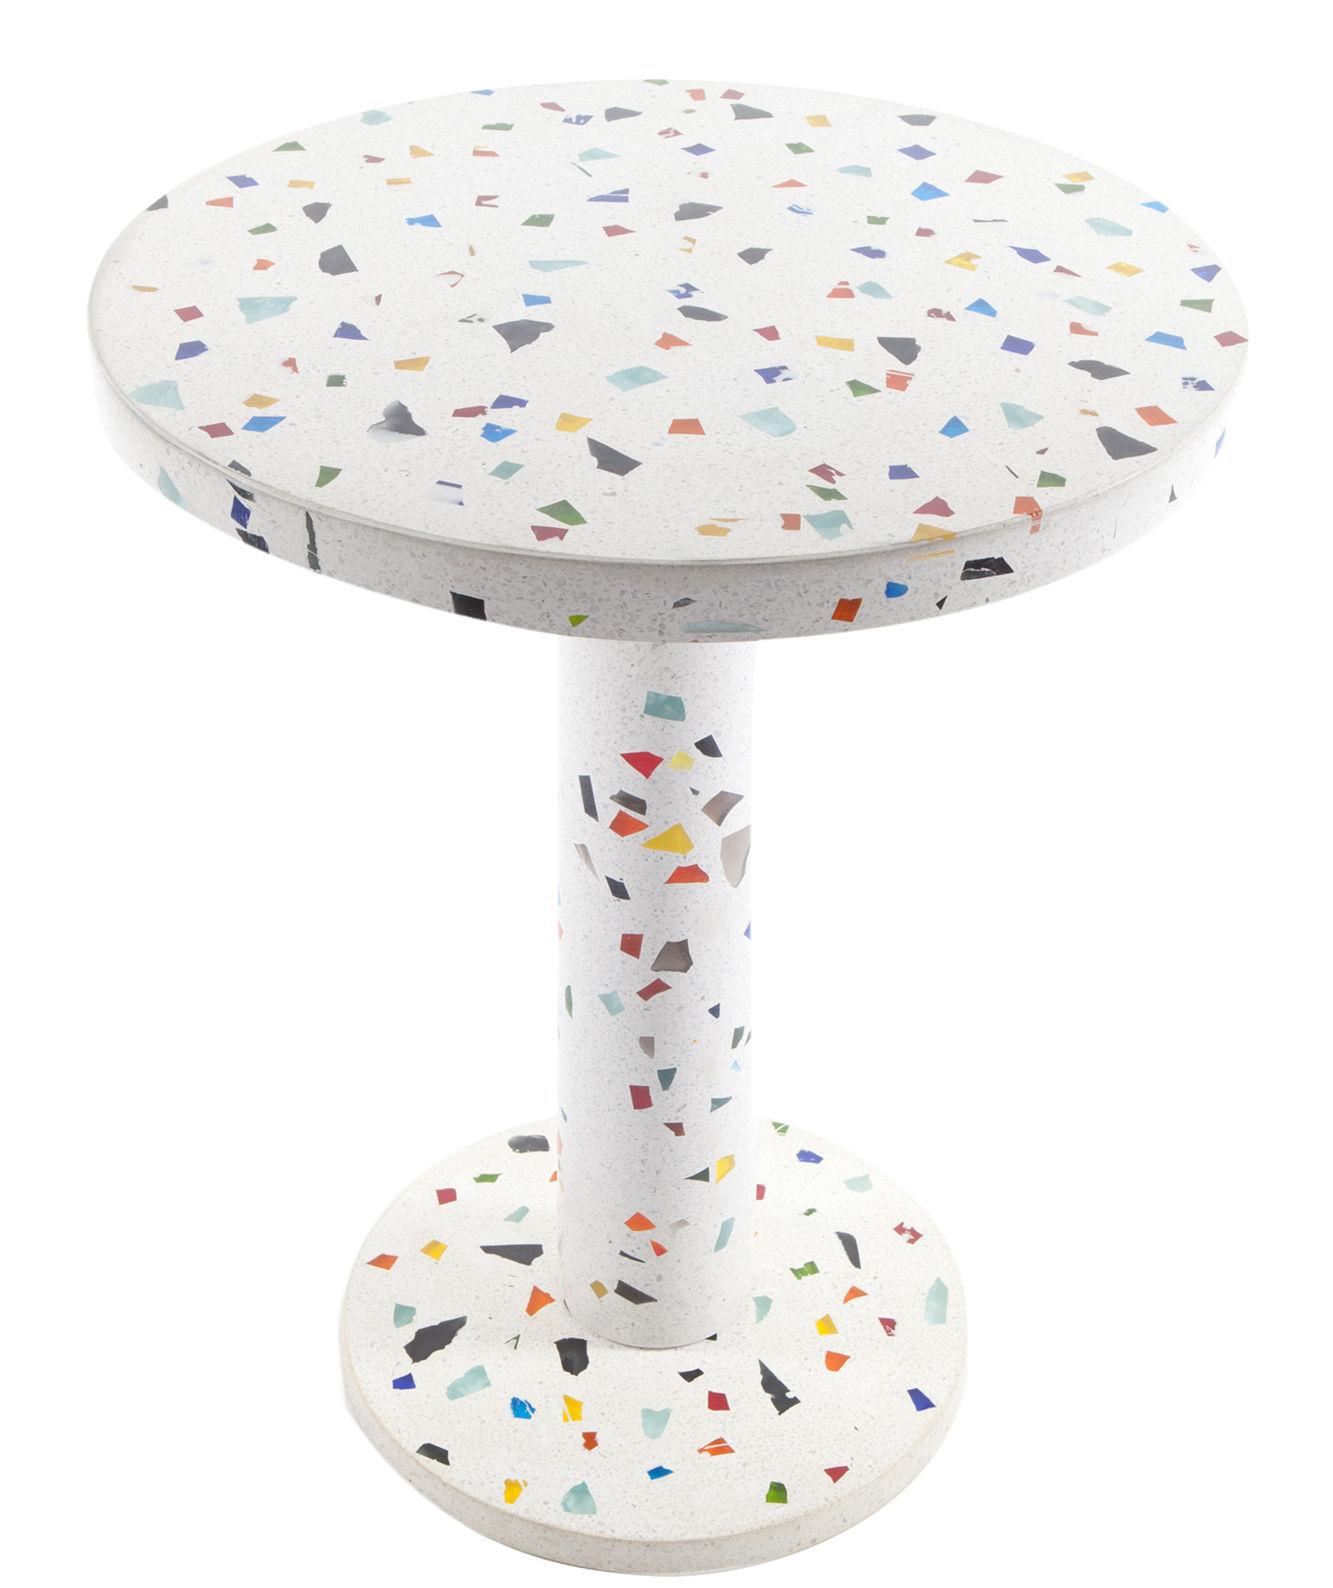 Table d 39 appoint kyoto by shiro kuramata 1983 multicolore memphis milano for Set de table multicolore